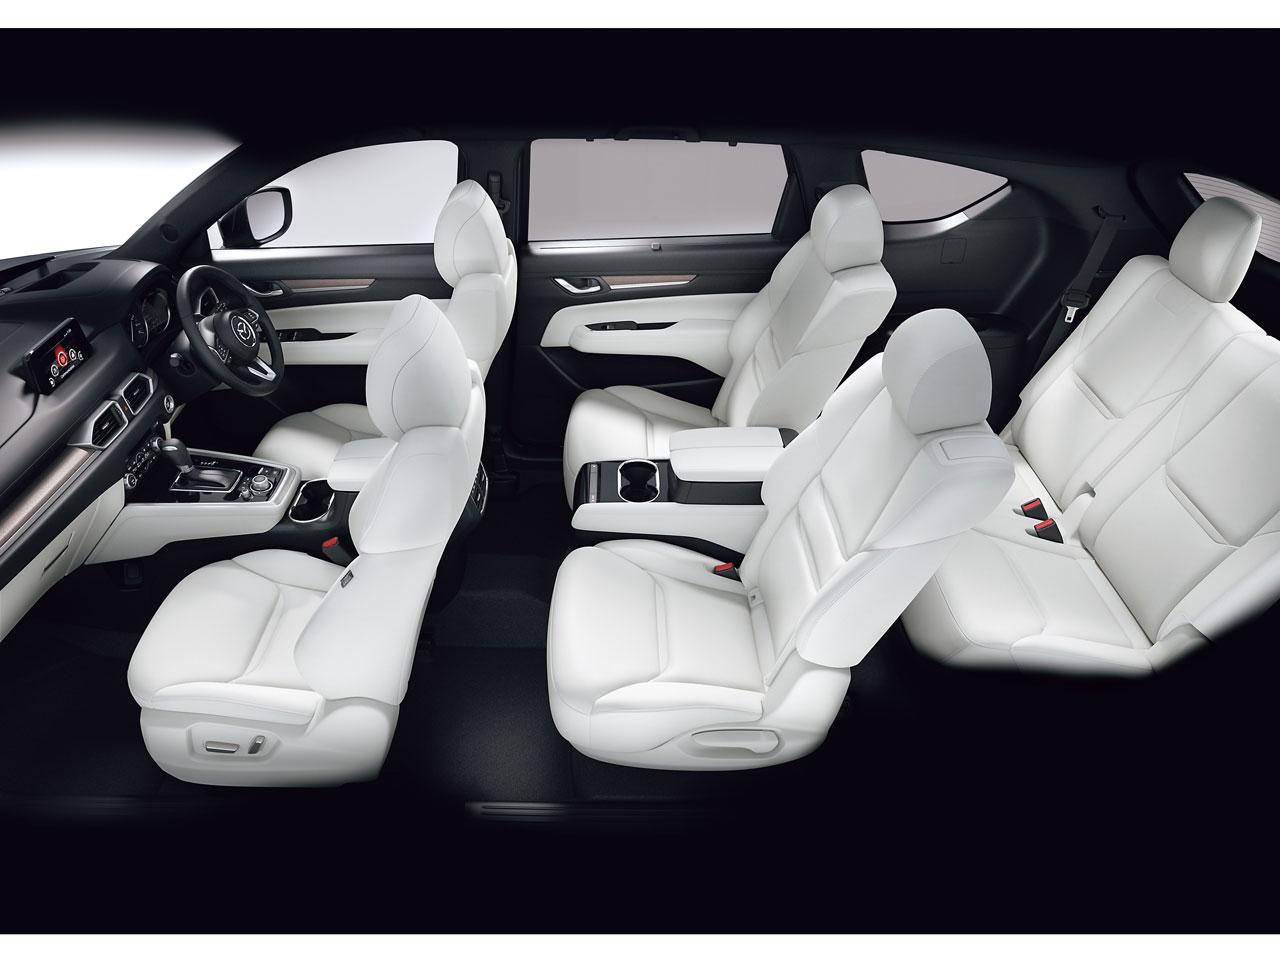 『インテリア4』 CX-8 2017年モデル の製品画像